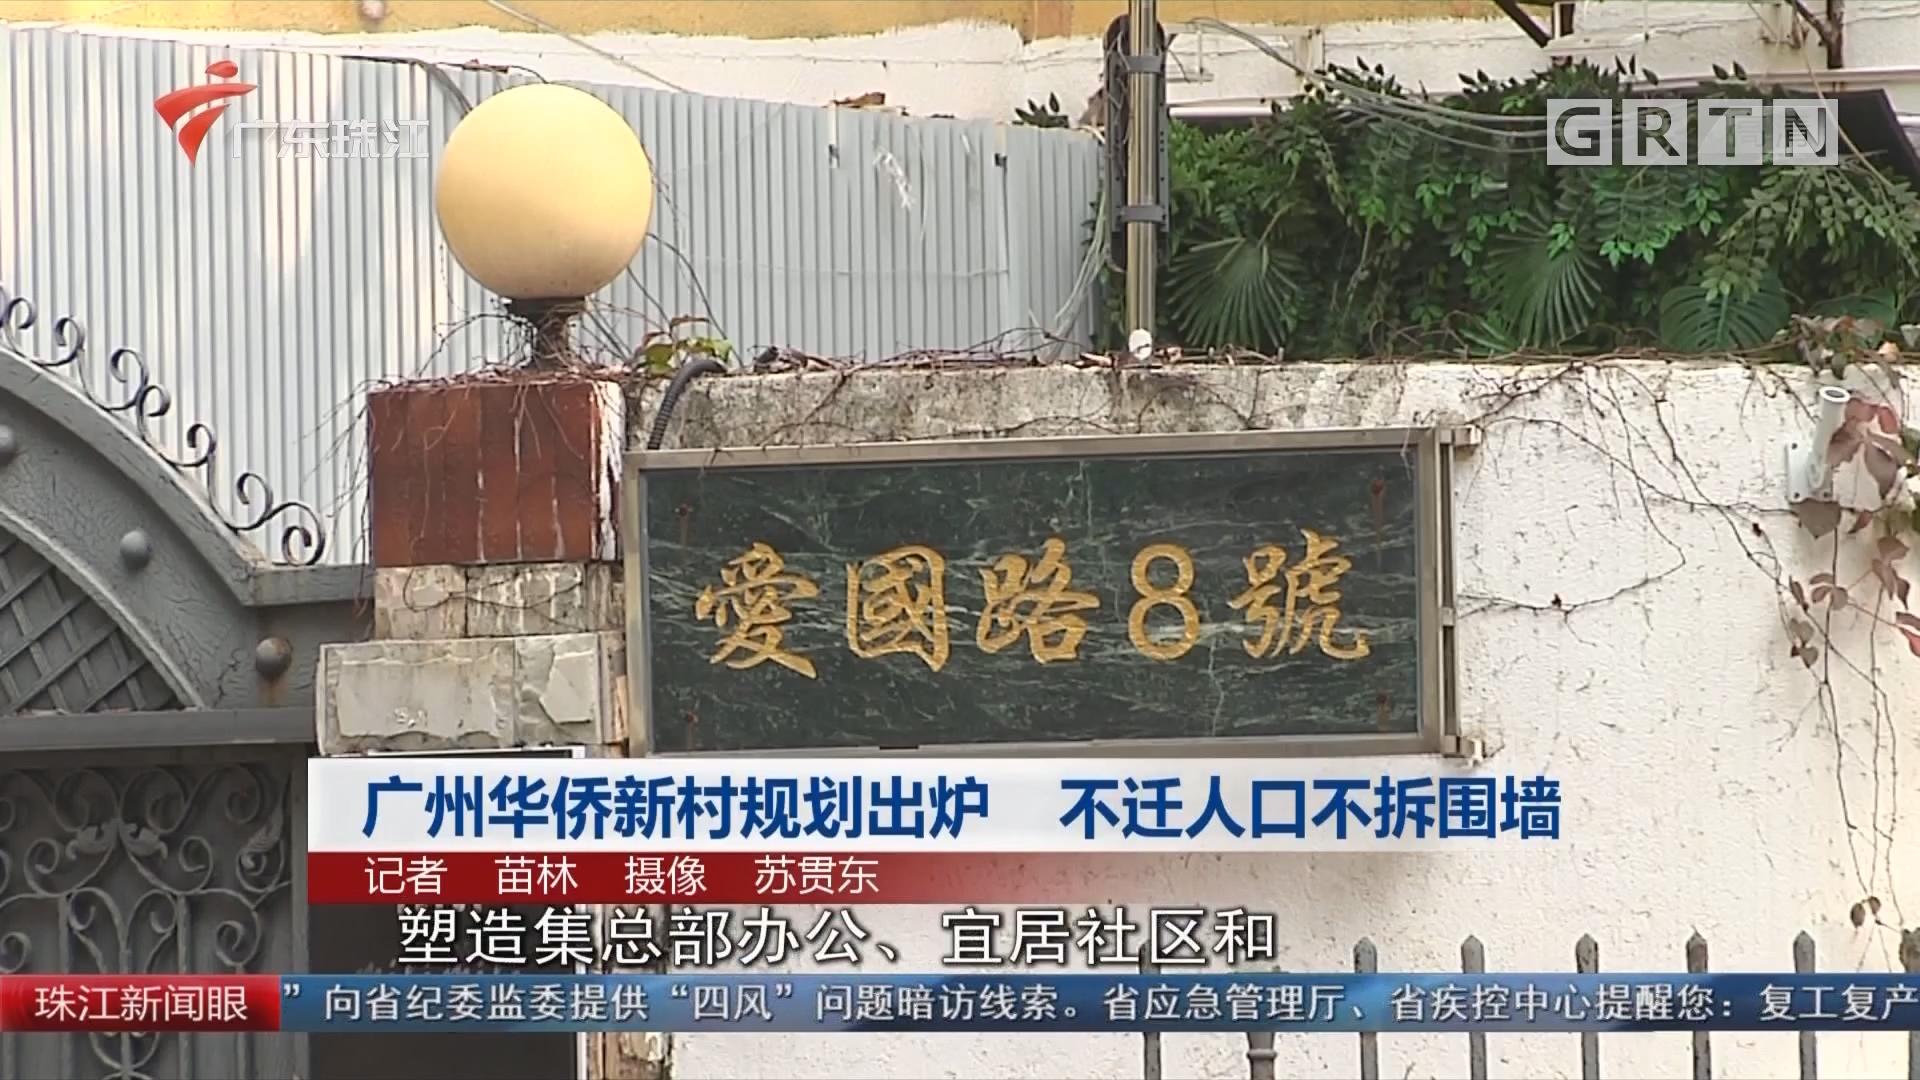 广州华侨新村规划出炉 不迁人口不拆围墙